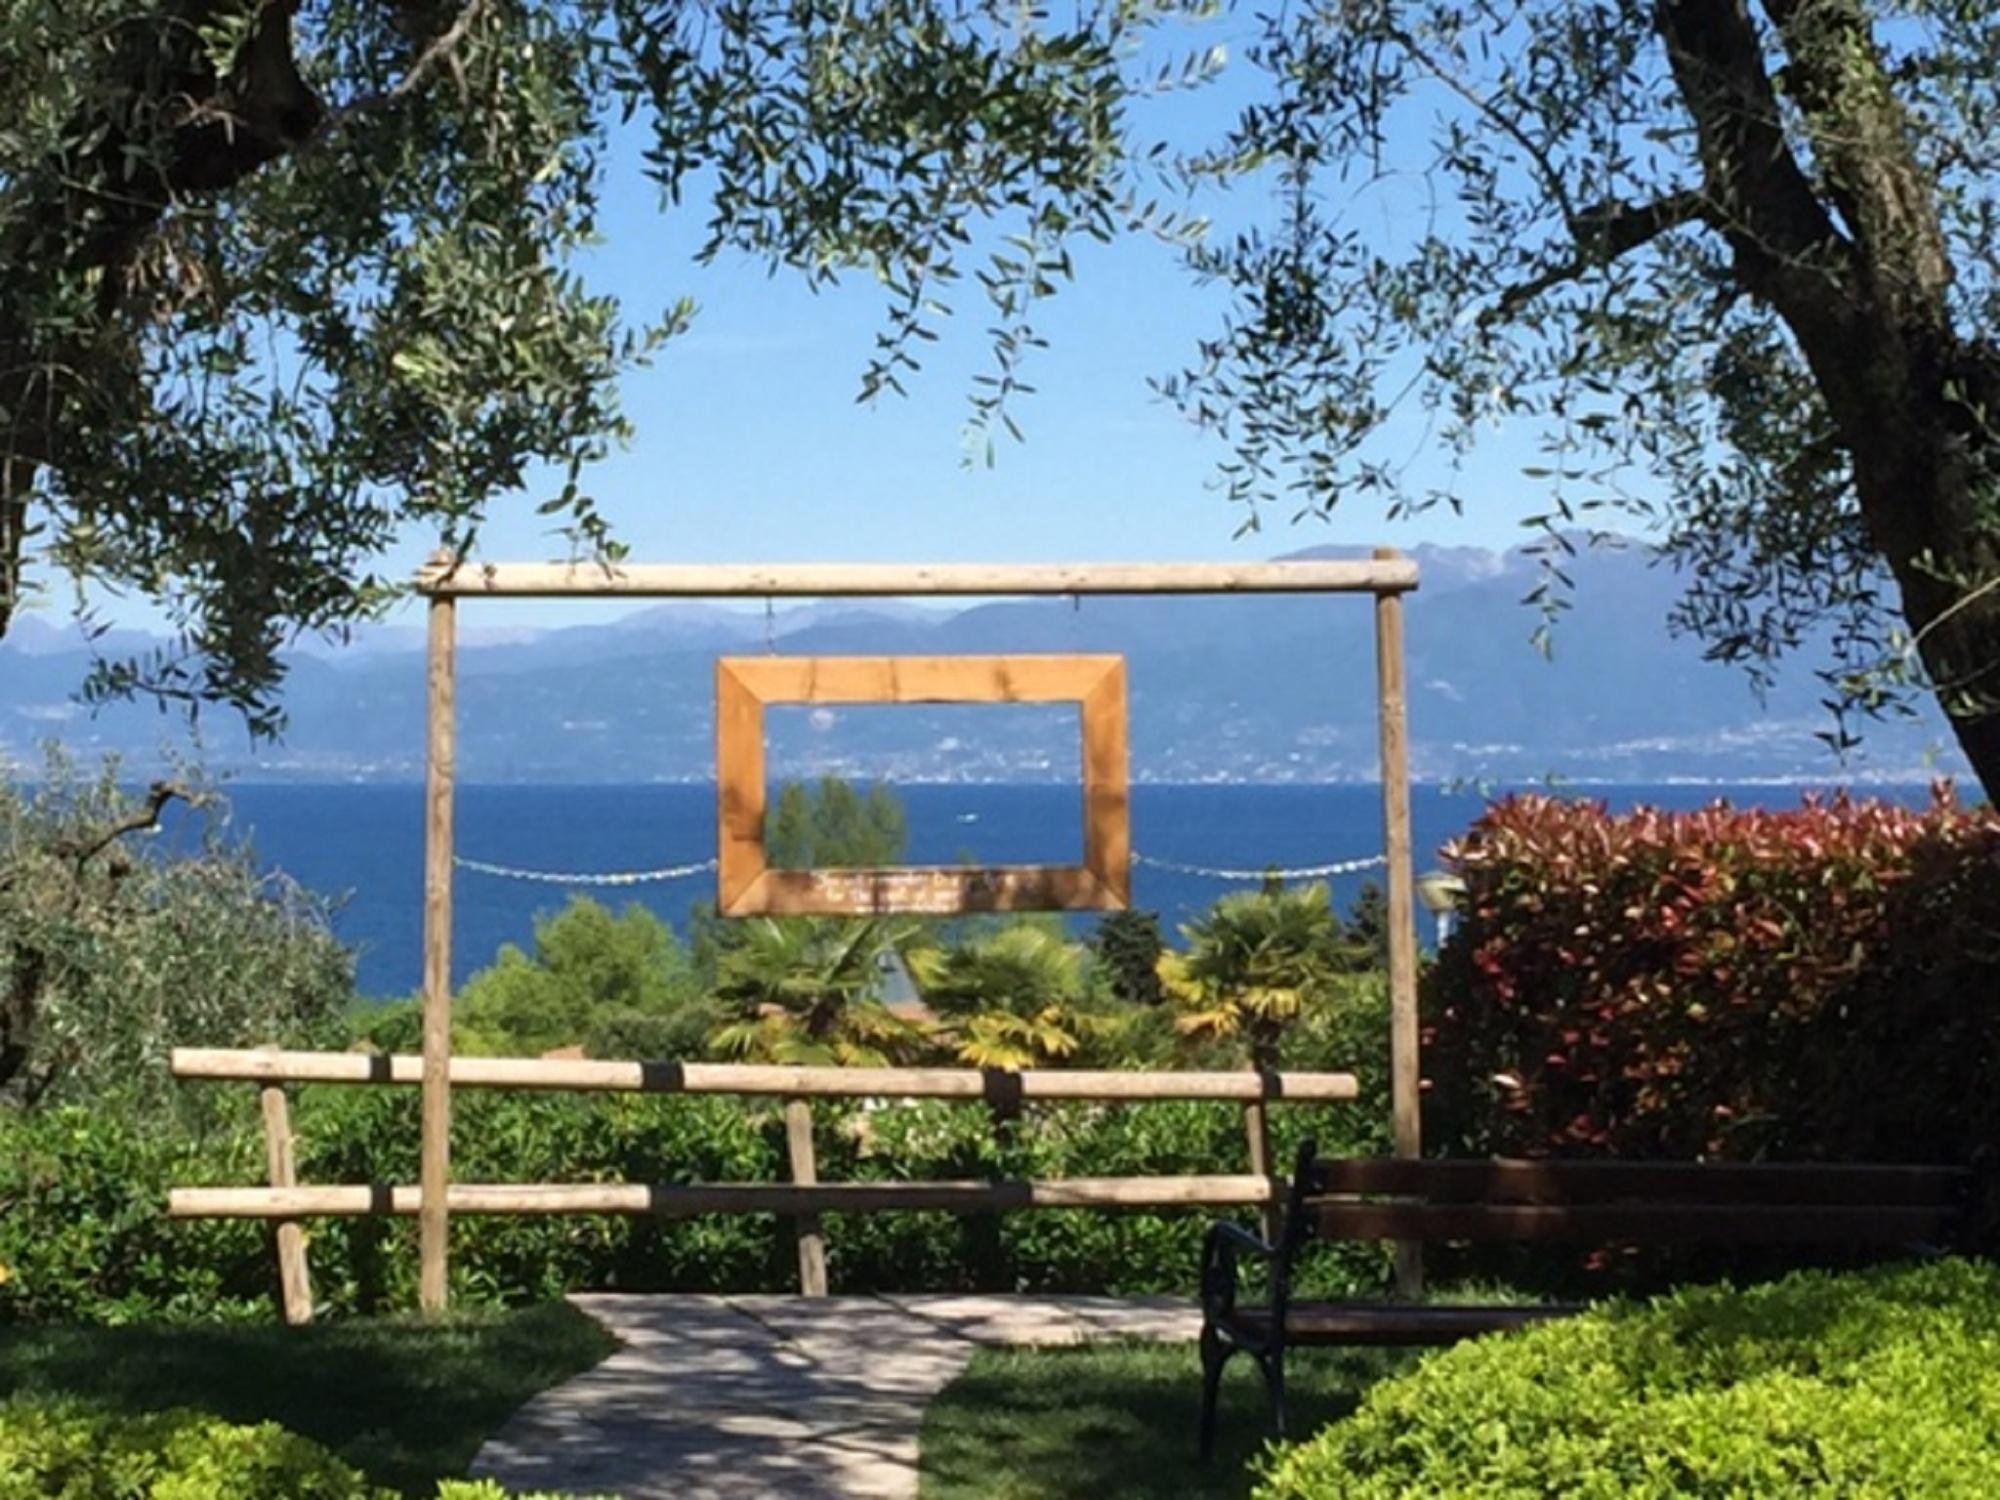 Piani di clodia holiday park lazise verona view all for Piani di progettazione cabana